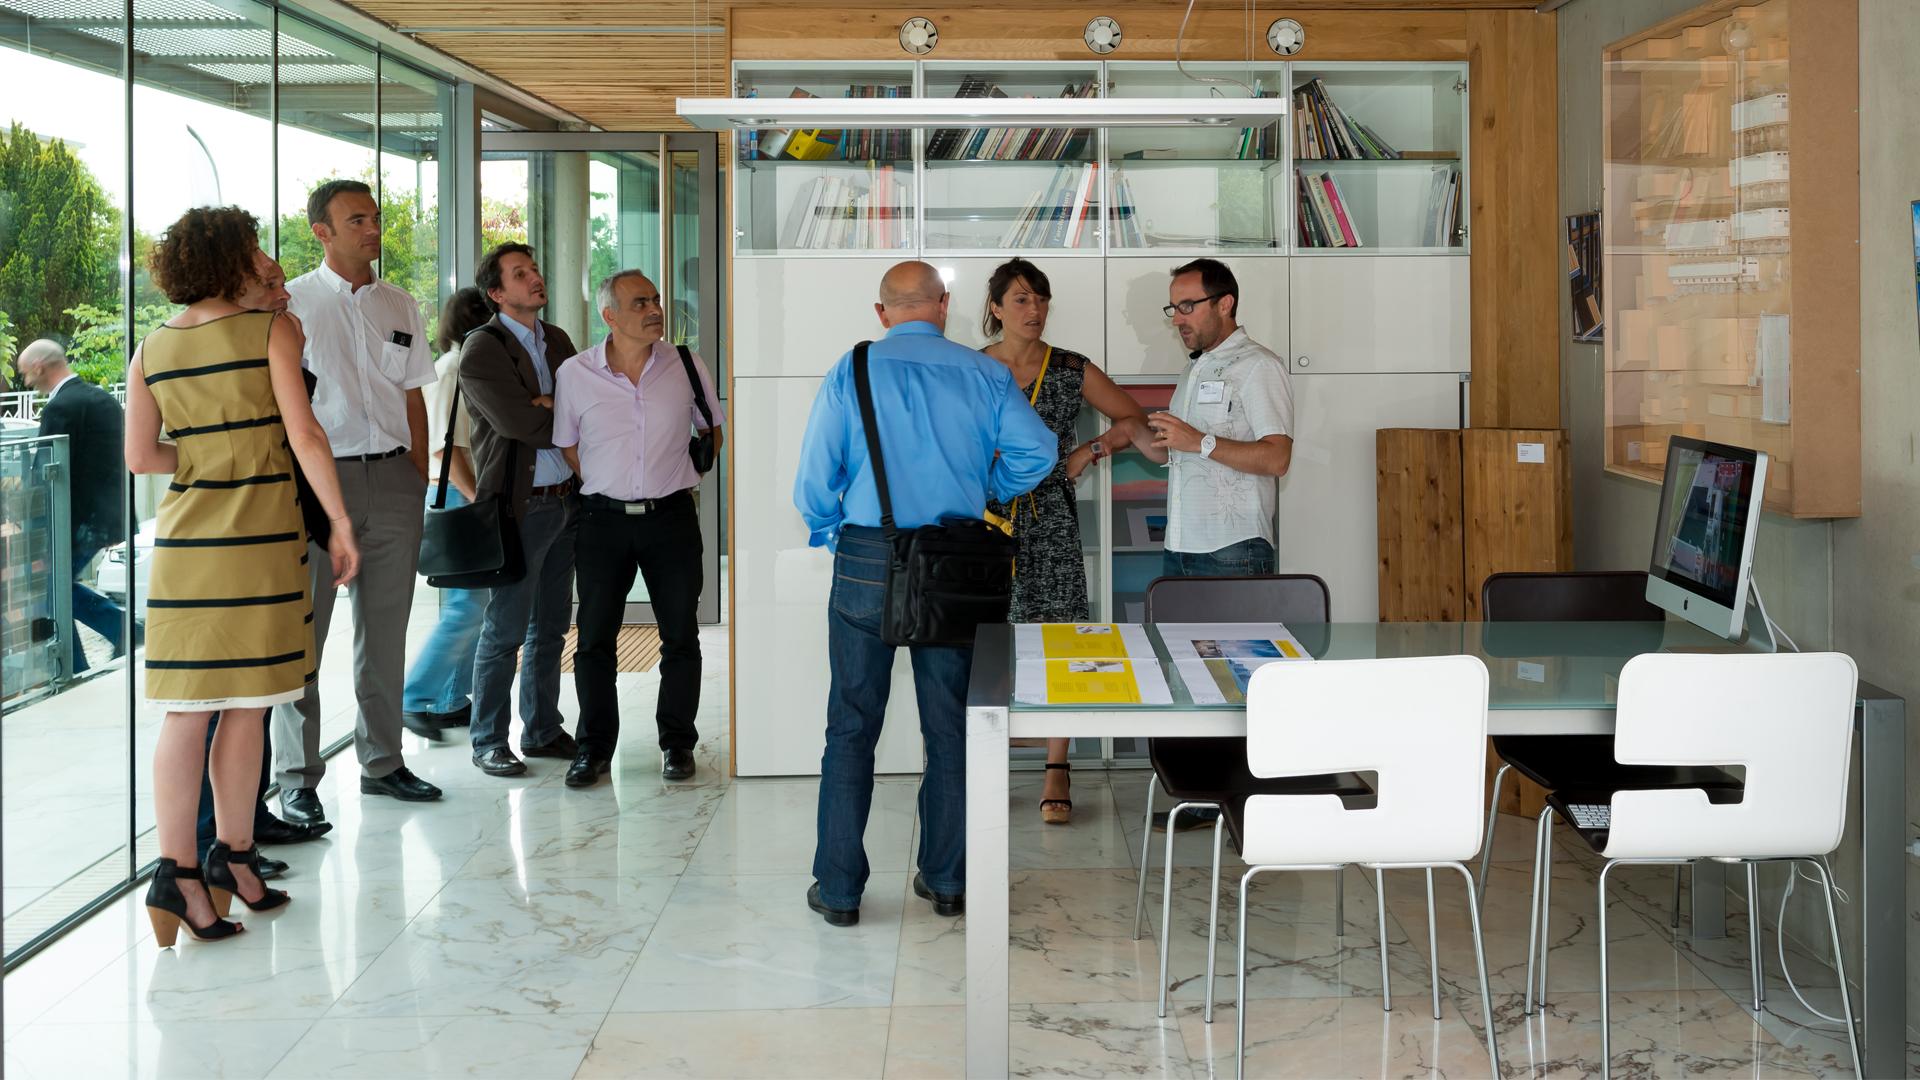 09-seuil-architecture-design-et-mobilité-stéphane-brugidou